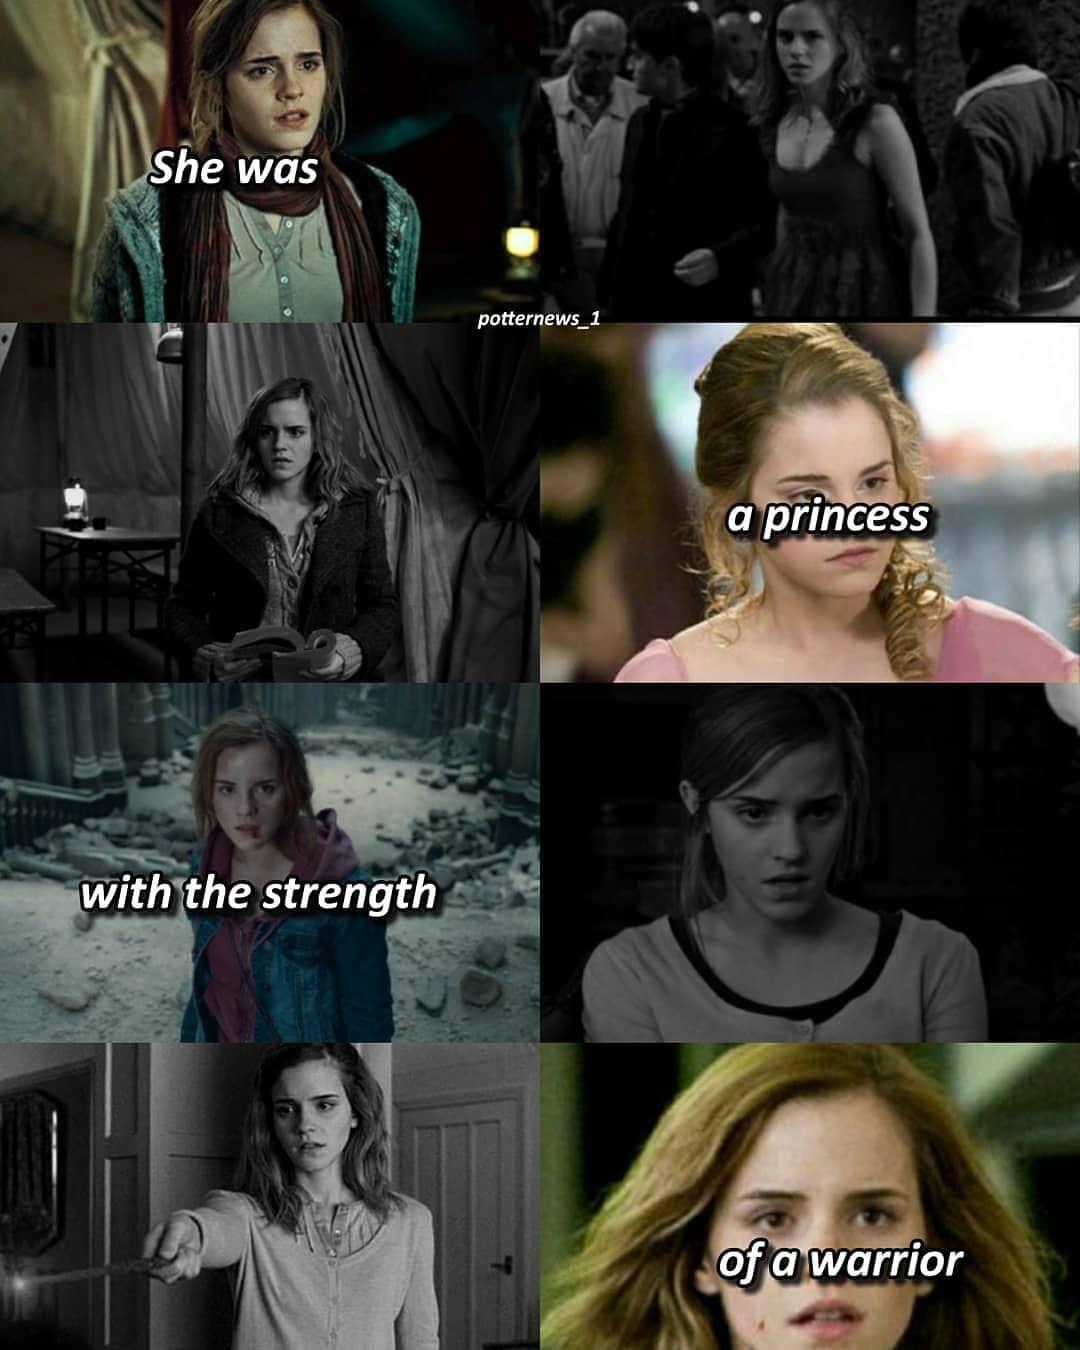 lei e stata una principessa con la forza di un guerriero harry